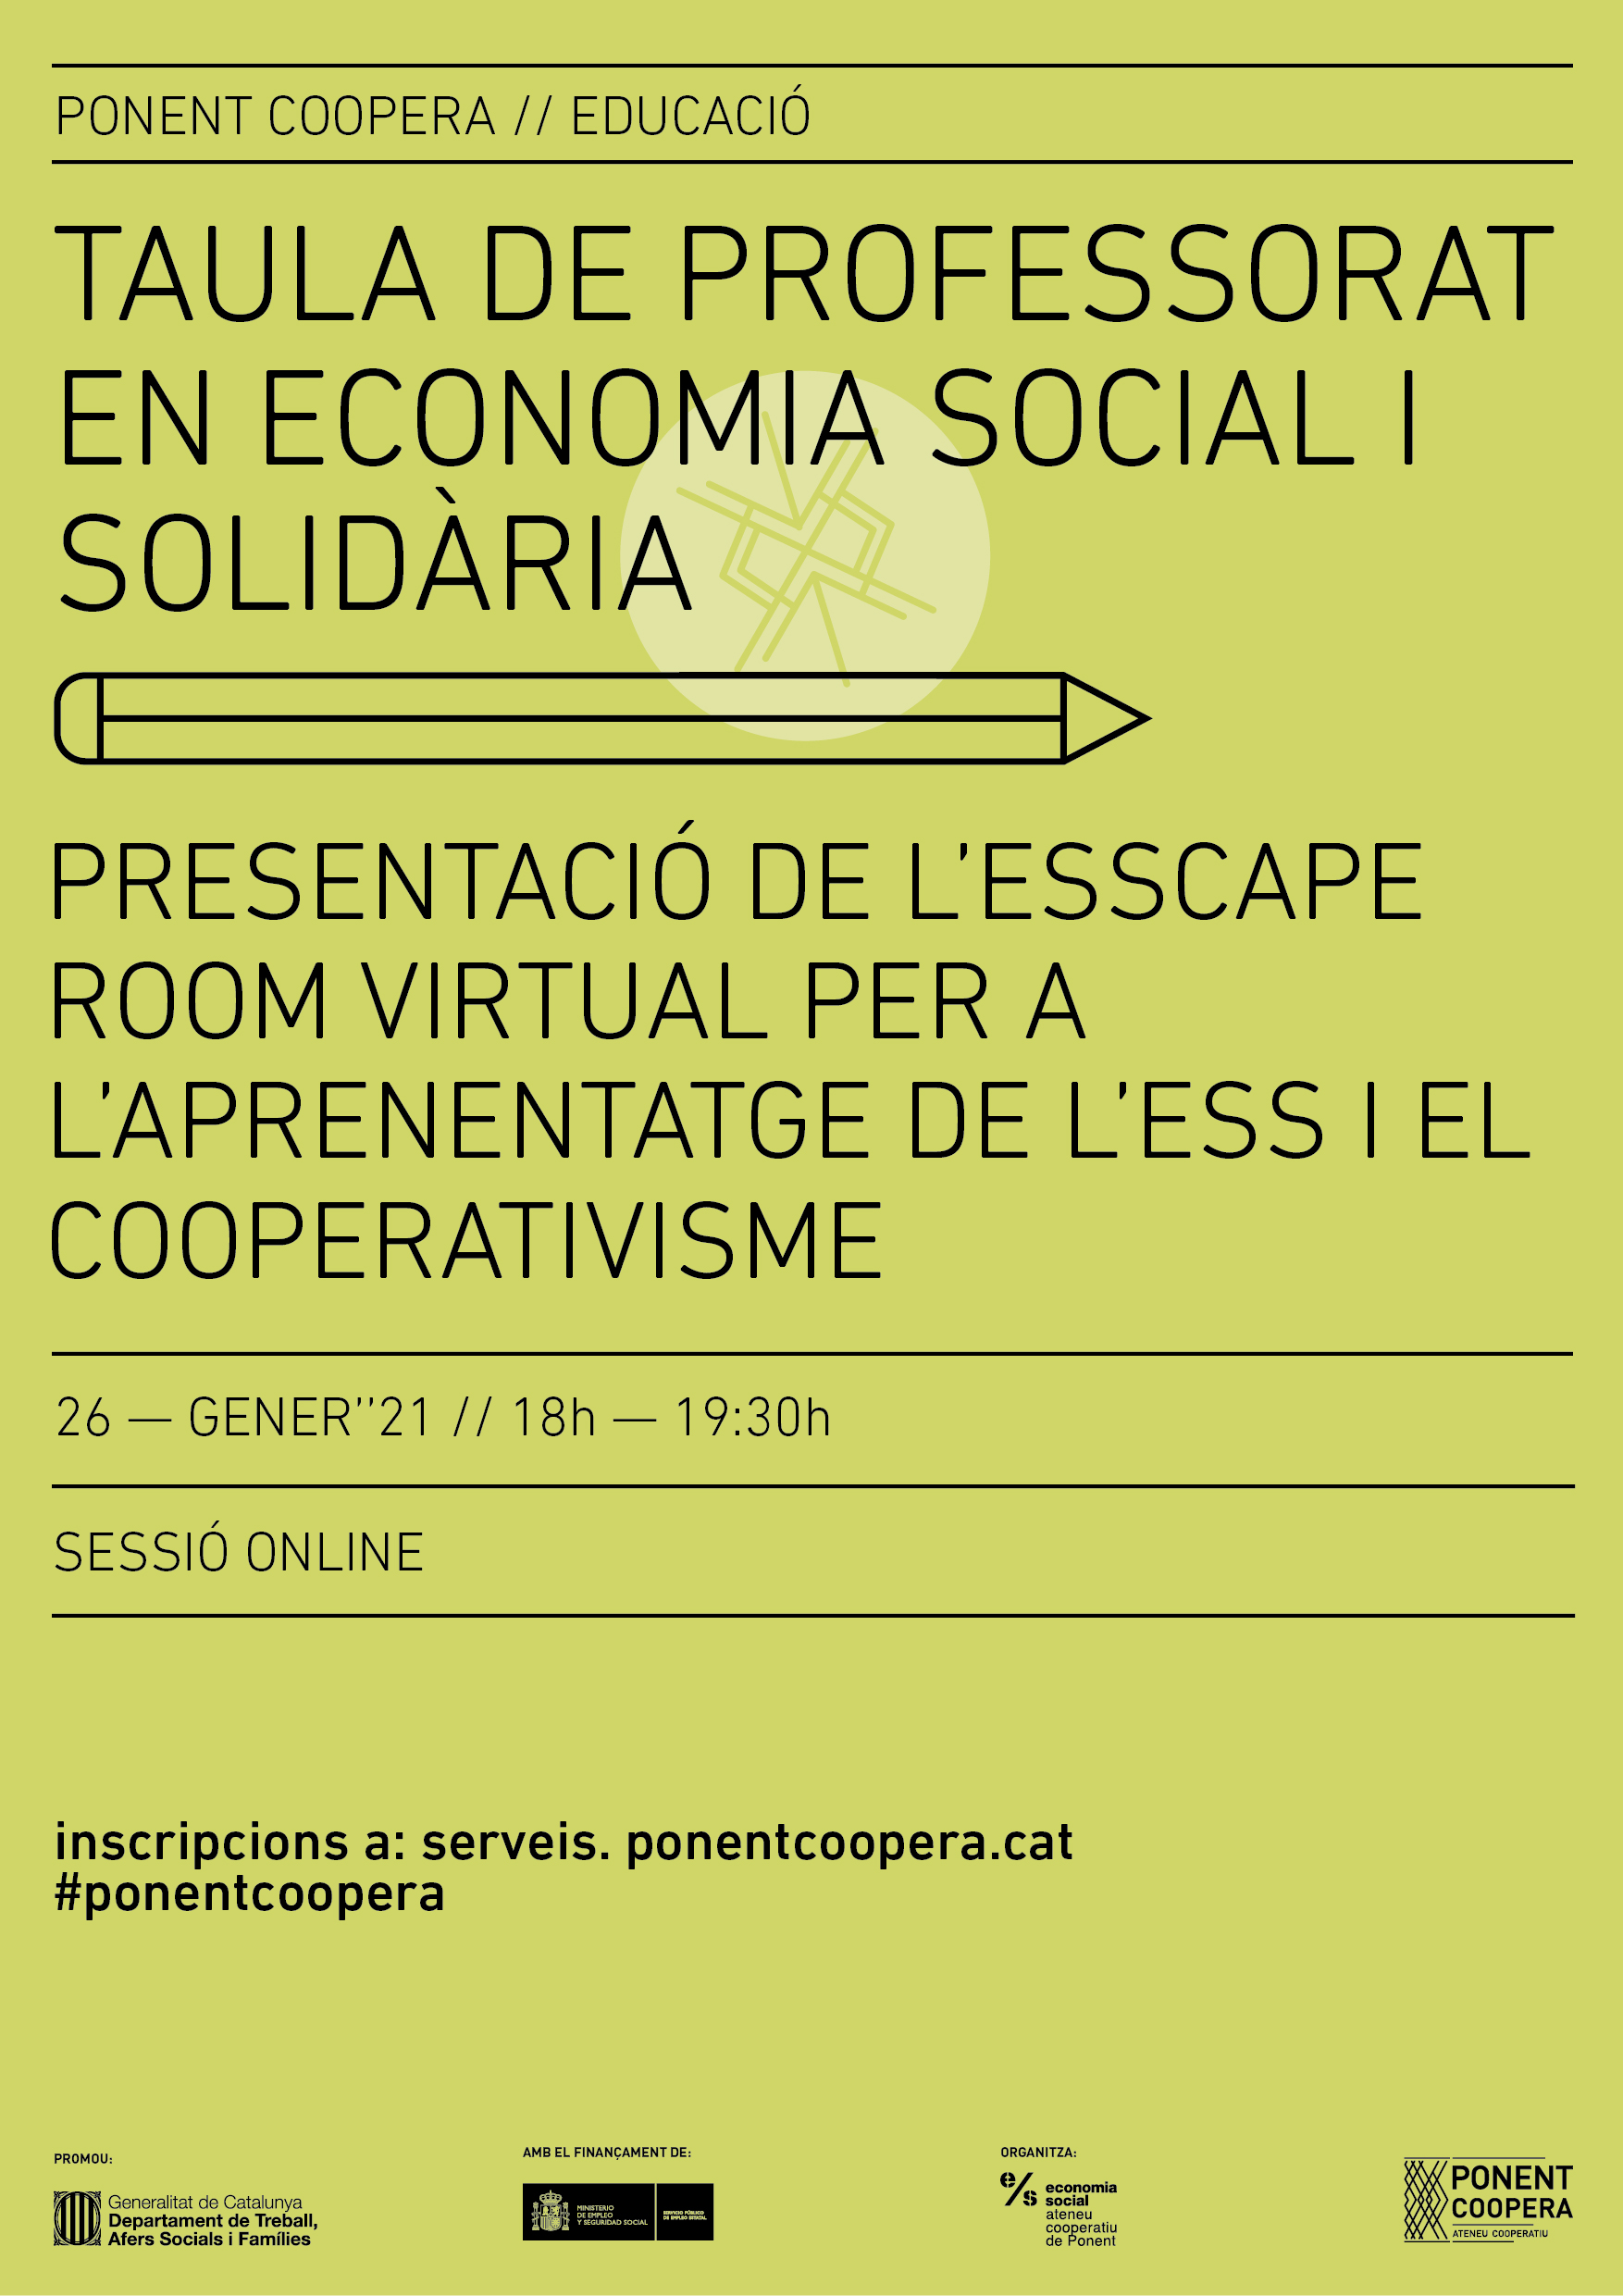 Taula de professorat en ESS: Presentació de l'ESScape Room virtual per a l'aprenentatge de l'ESS i el cooperativisme